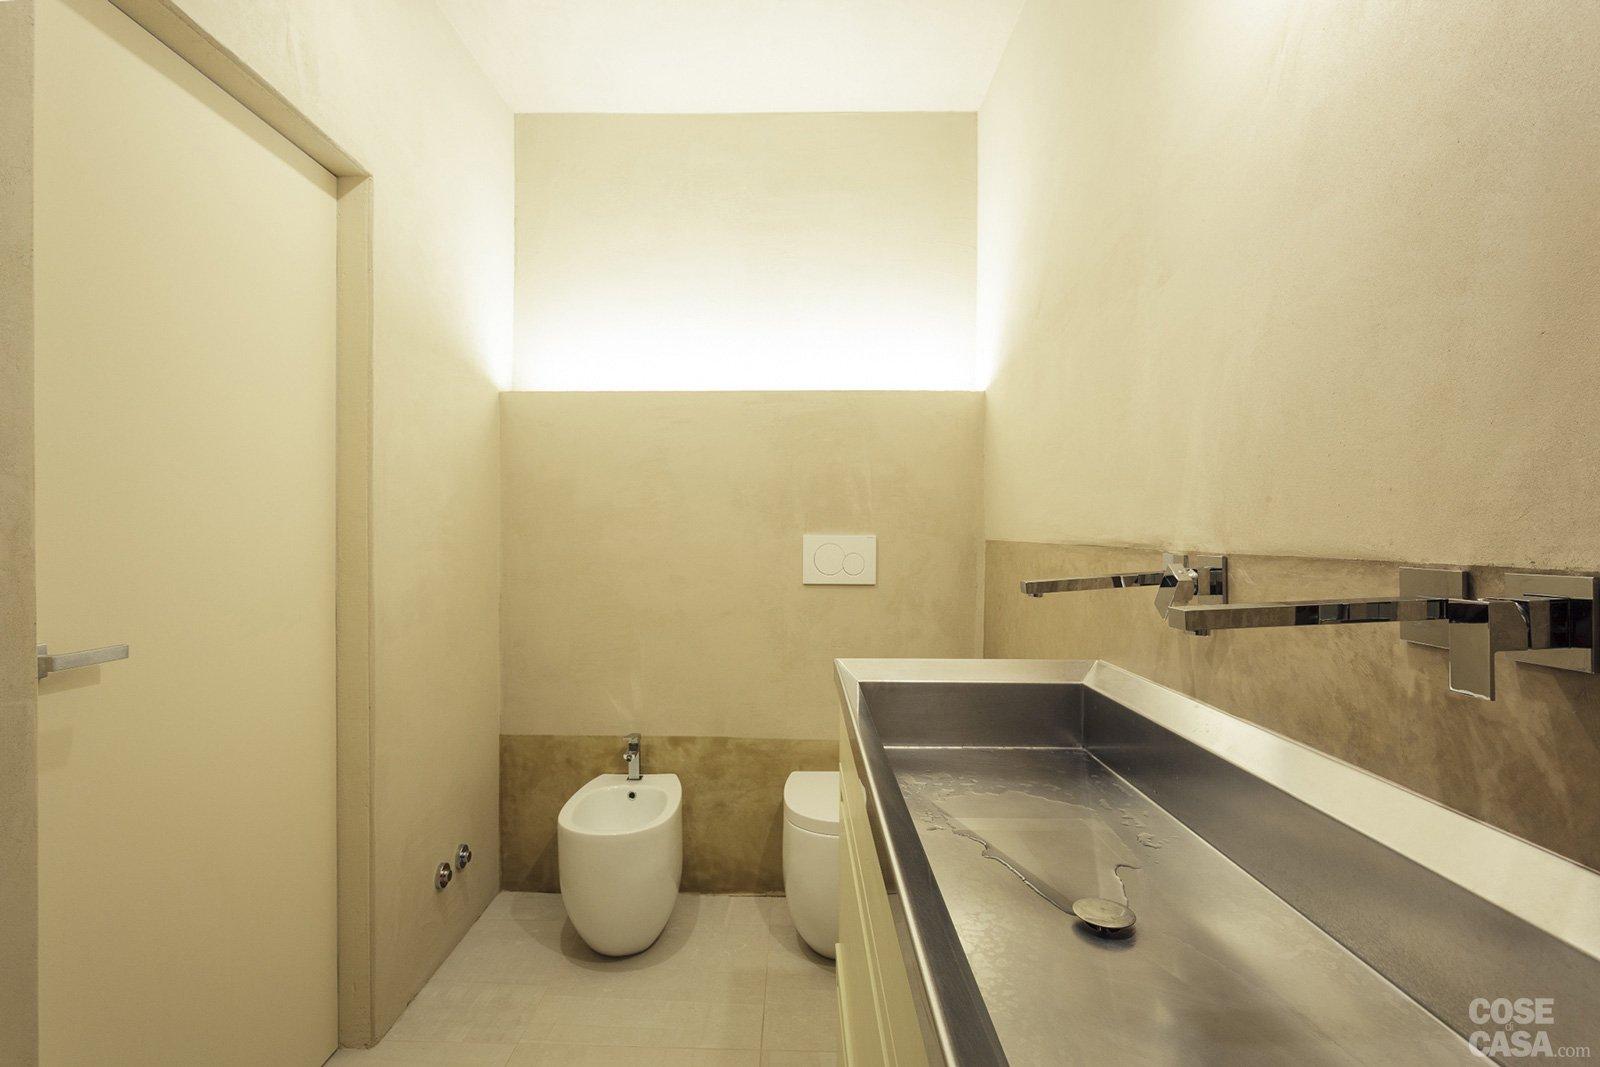 Una casa ristrutturata per il risparmio energetico cose di casa - Illuminazione bagno con faretti ...